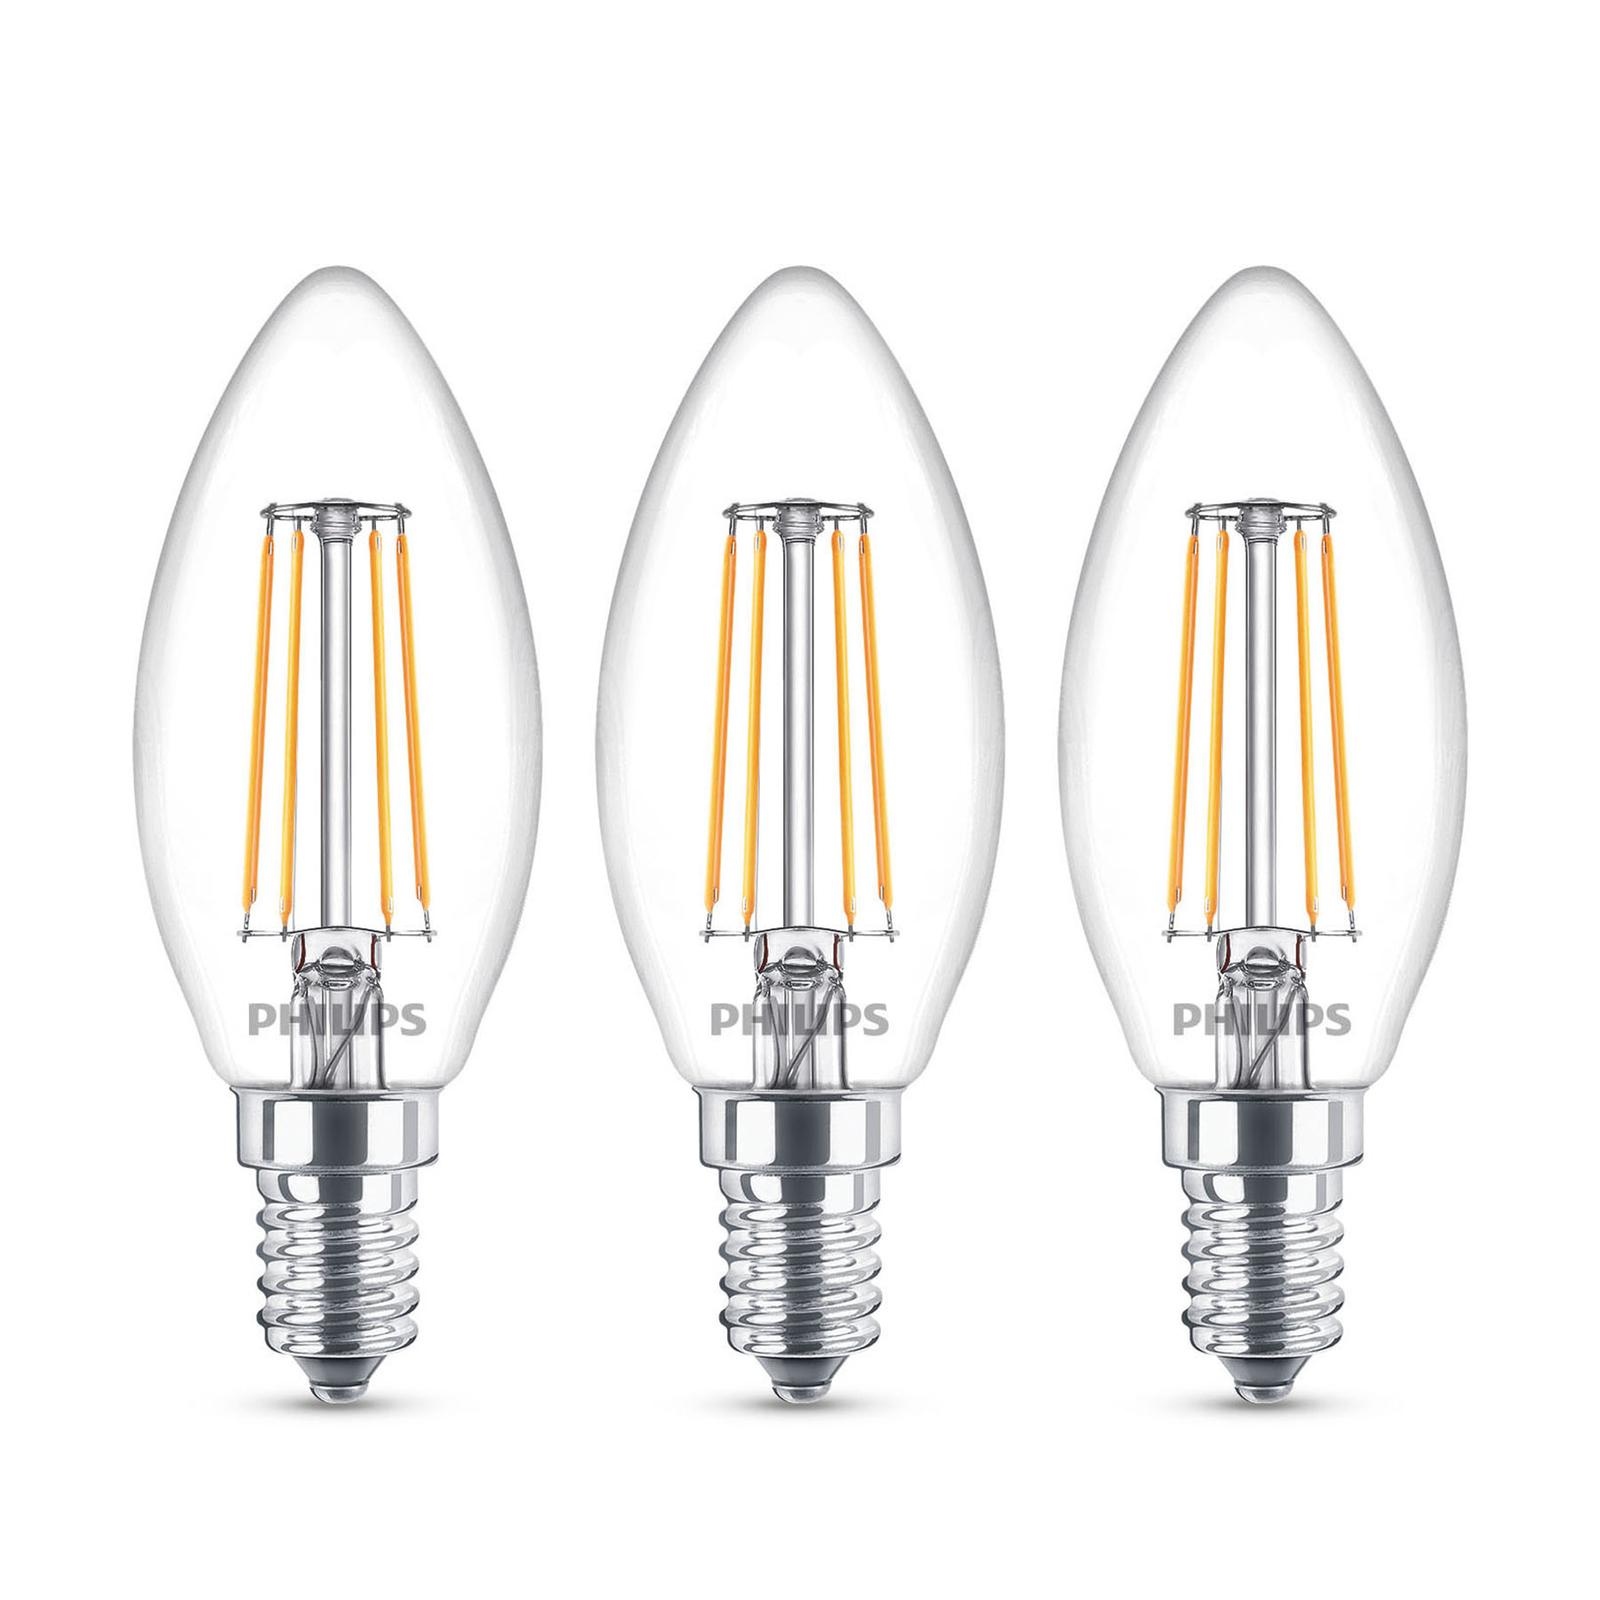 Philips LED kaarslamp E14 B35 4,3W helder 3/pak